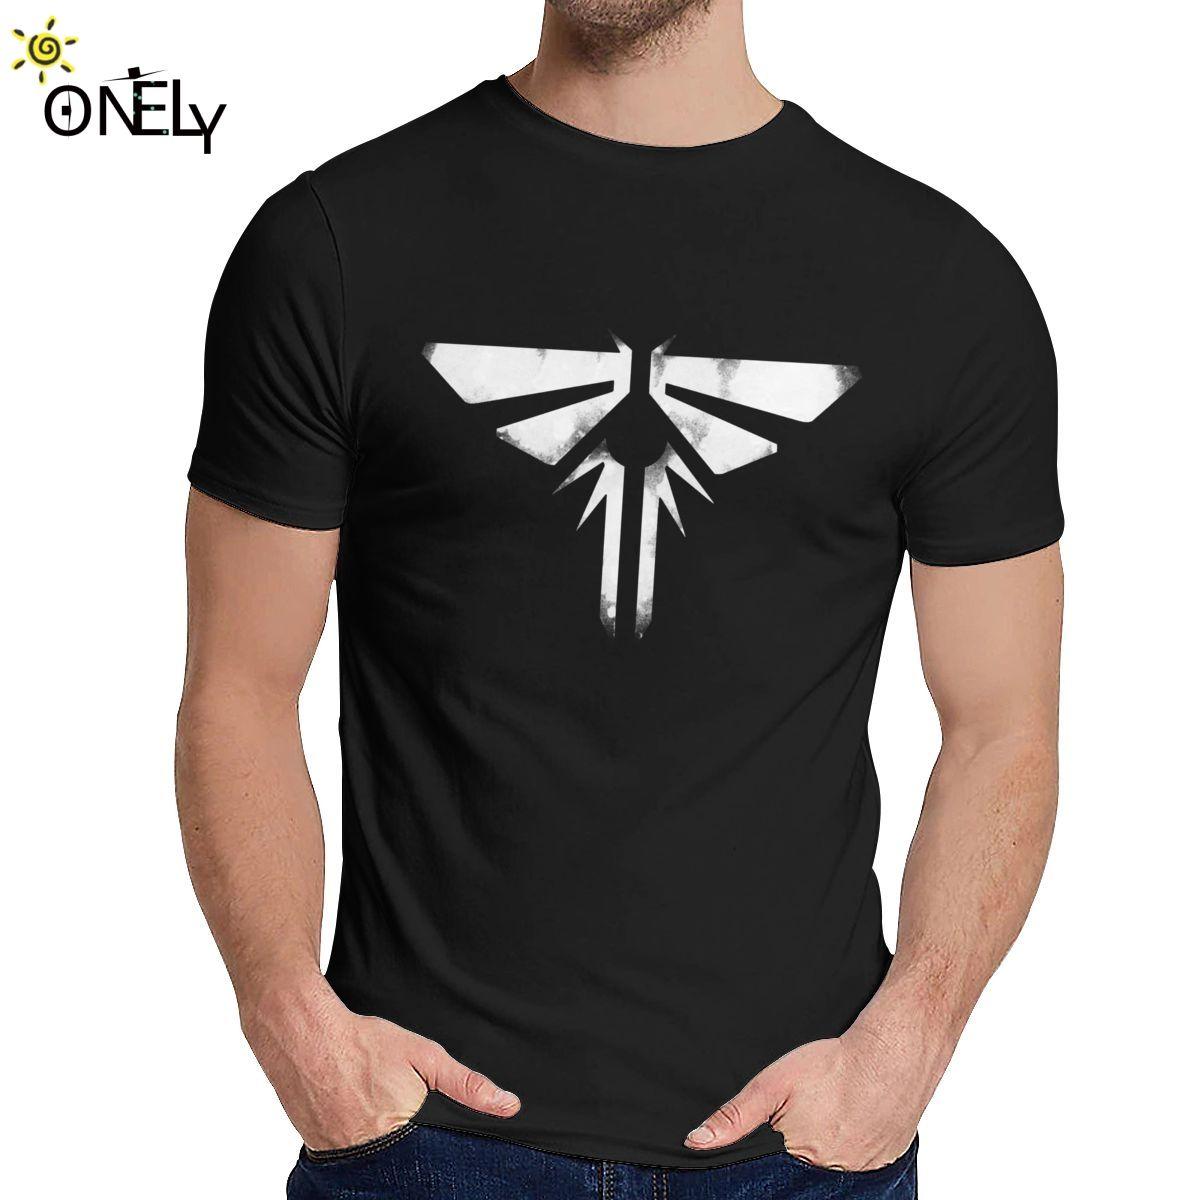 Girocollo The Last of Us Fireflies Logo corta Graphic manicotto della stampa della camicia unisex soft slim La Camiseta T